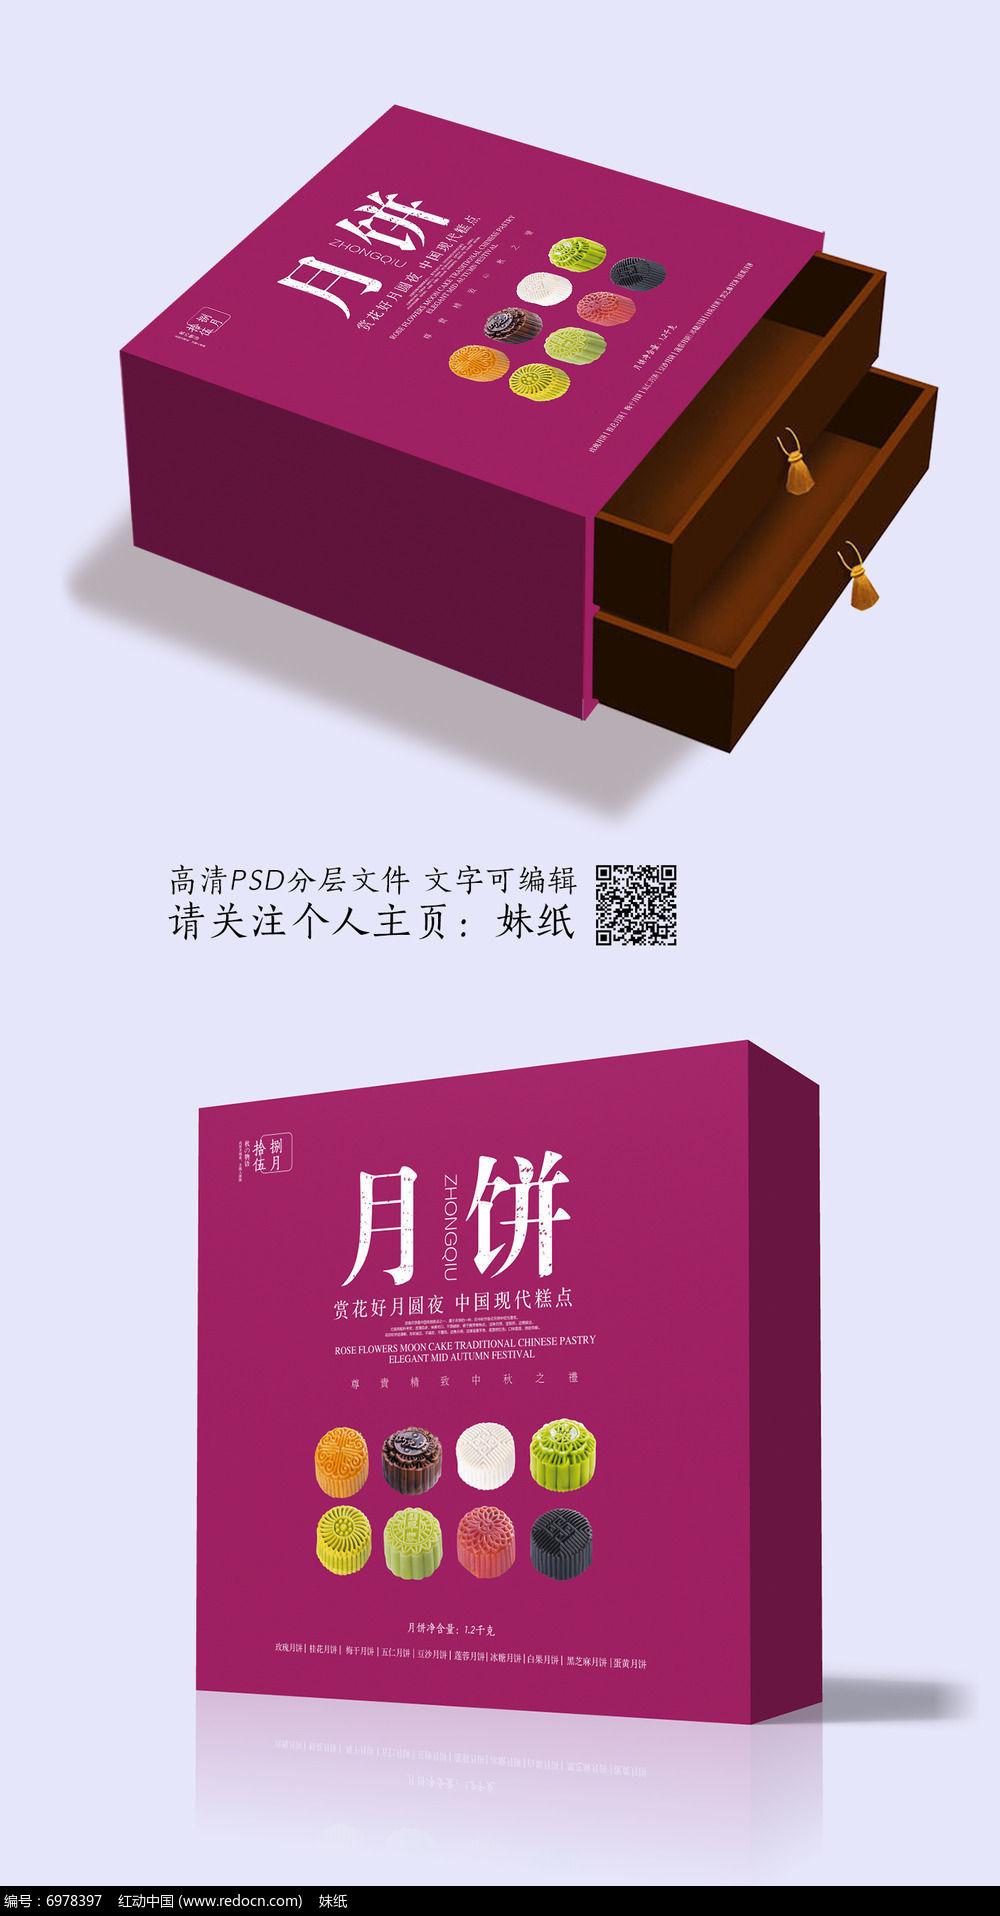 紫红色礼品盒月饼包装盒图片